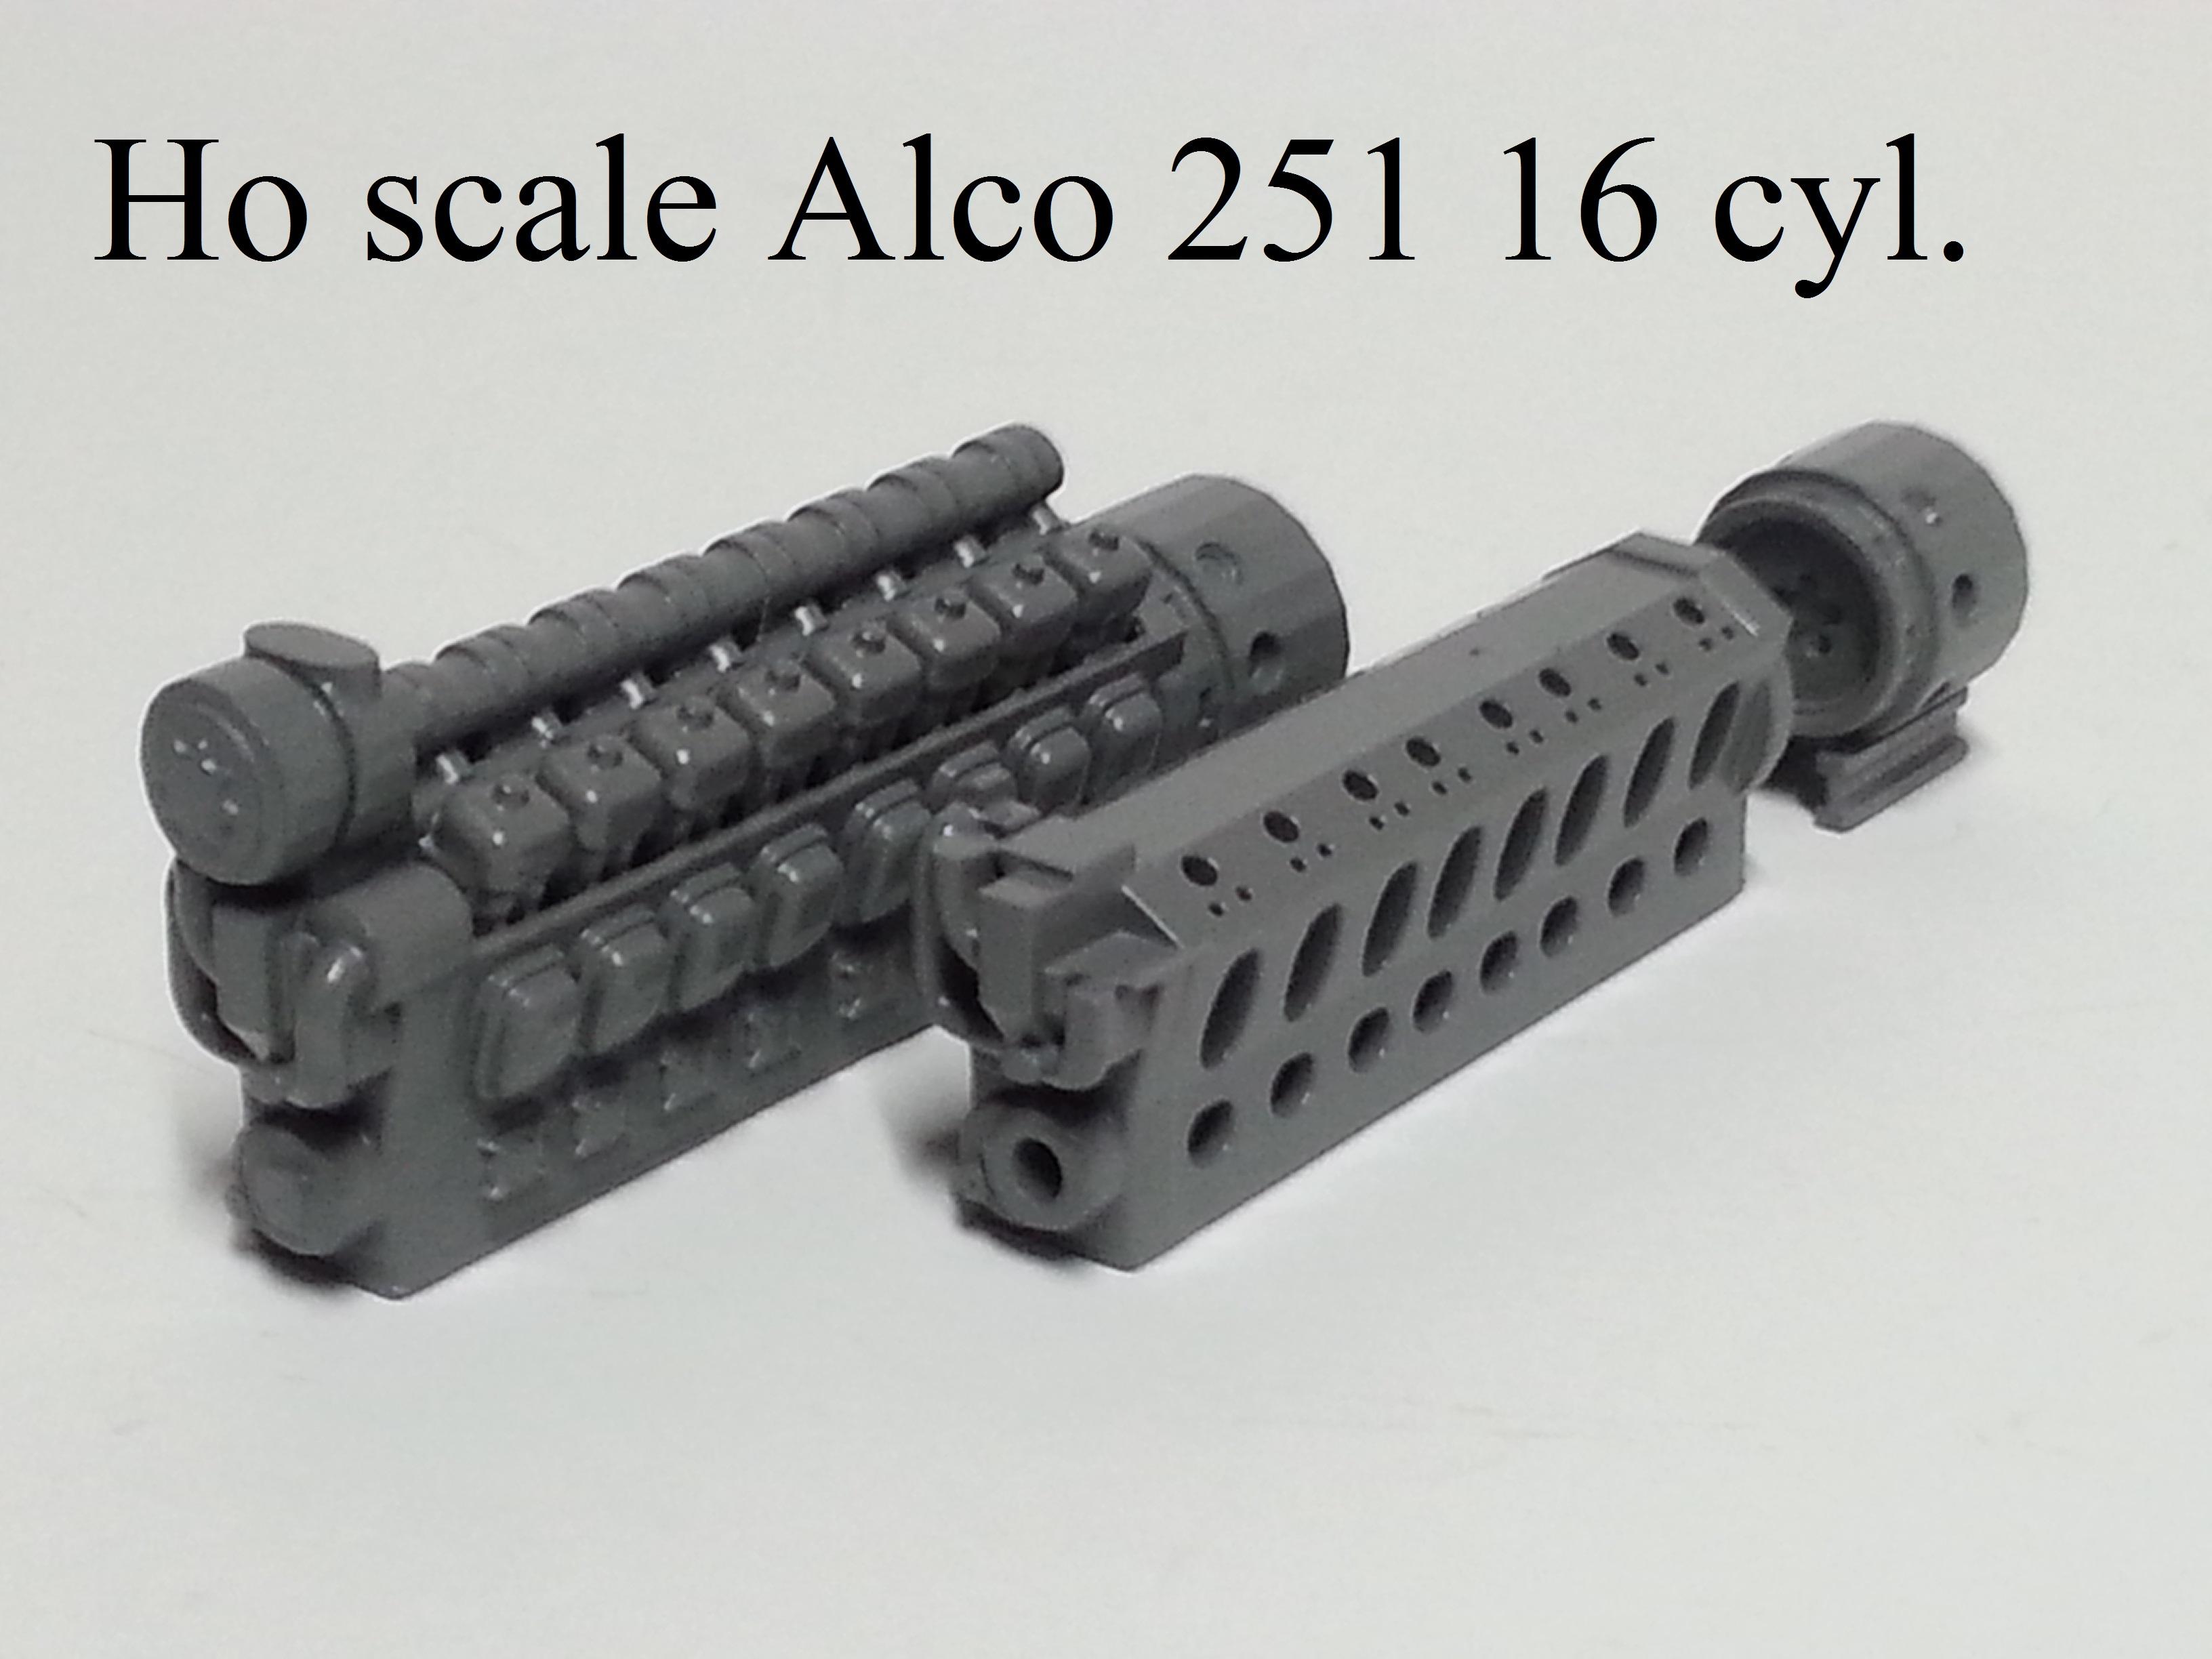 Ho scale Alco 251 16 cyl. Prime Mover